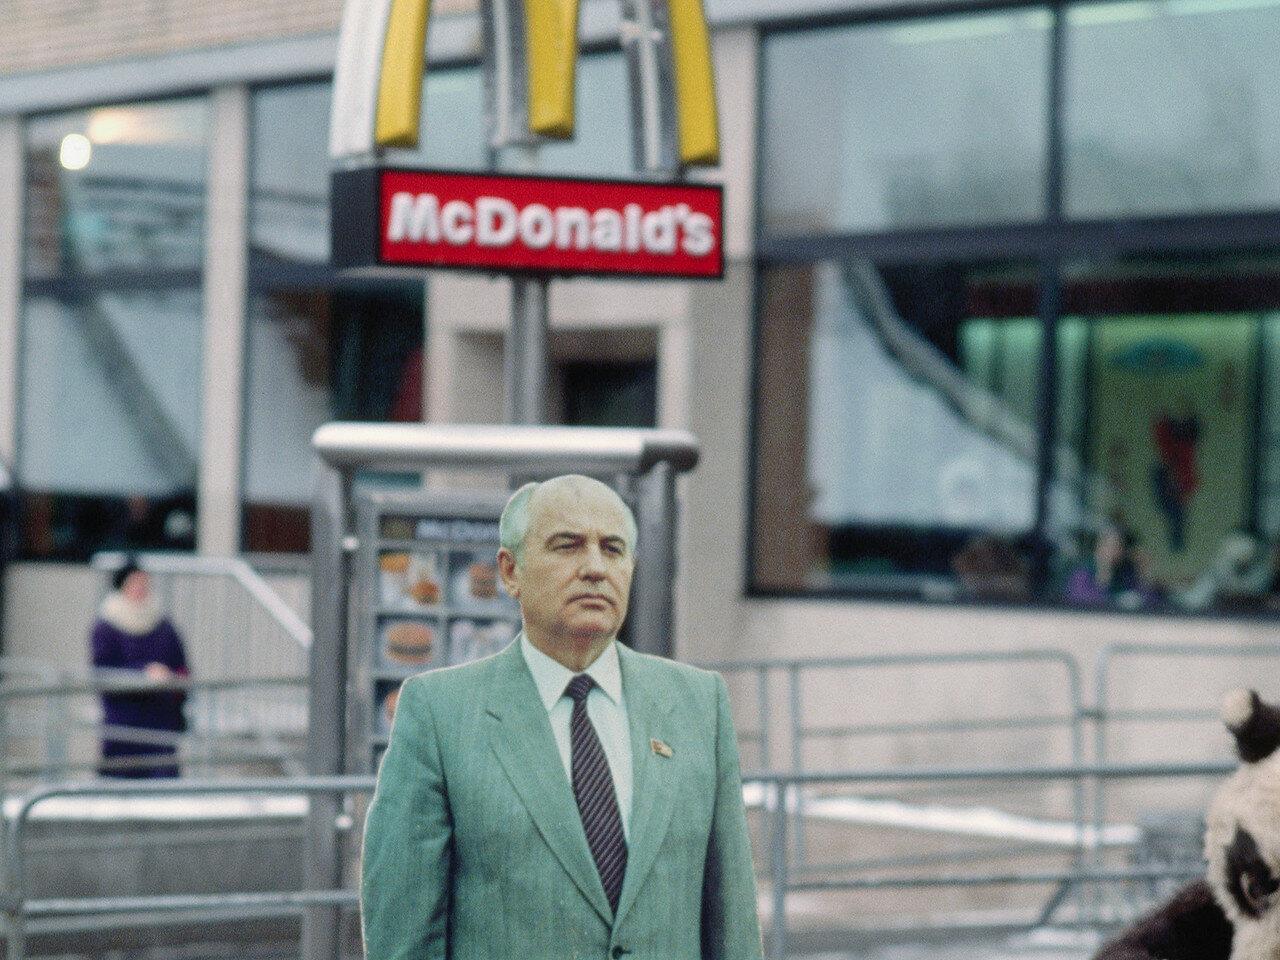 1988. Москва. Михаил Горбачев возле первого открывшегося Макдональдса